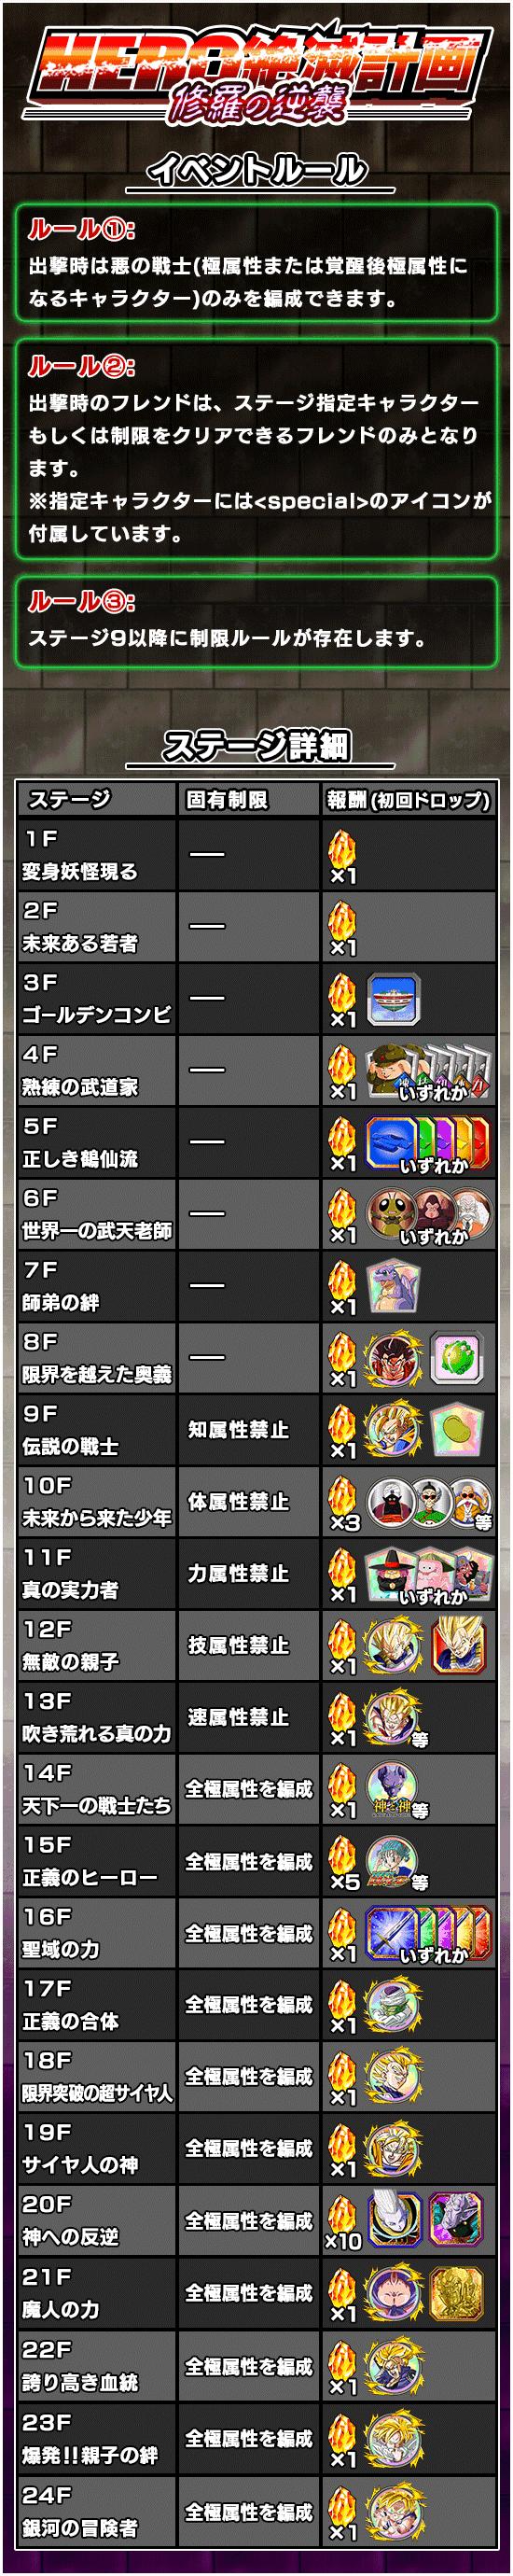 news_banner_event_320_A_8